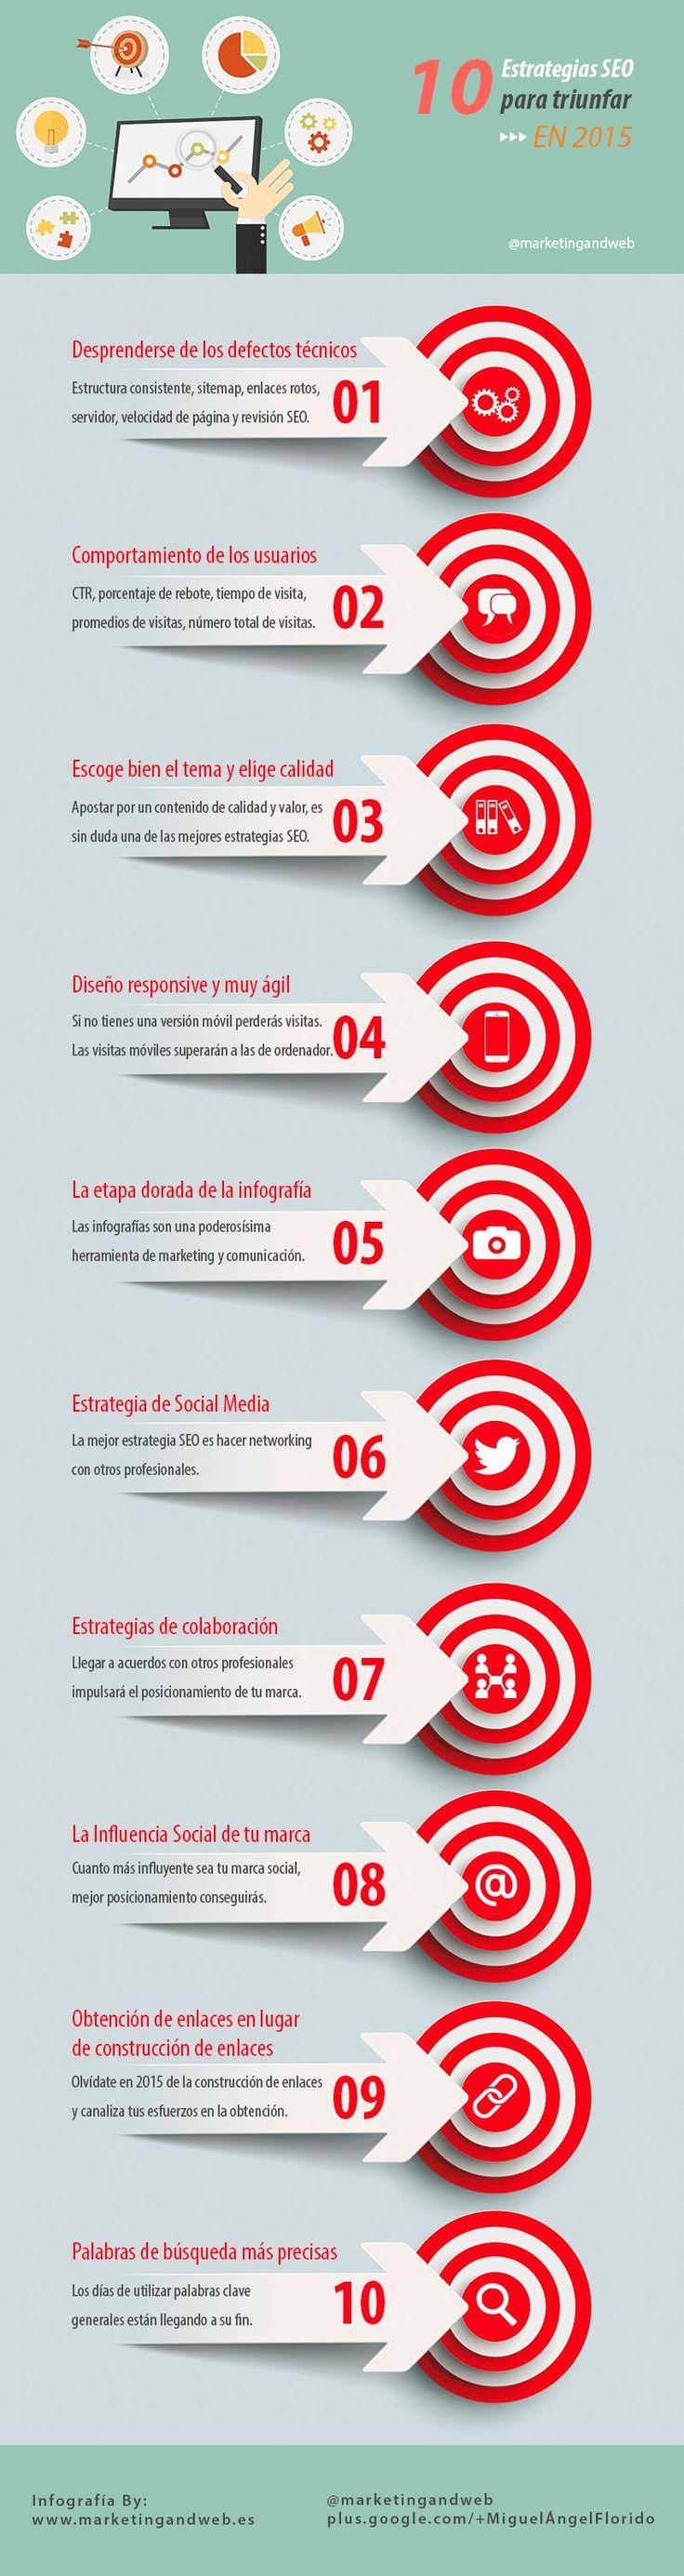 Una genial infografía, totalmente en español, que nos da diez claves con las estrategias SEO a seguir para triunfar en este año 2015.